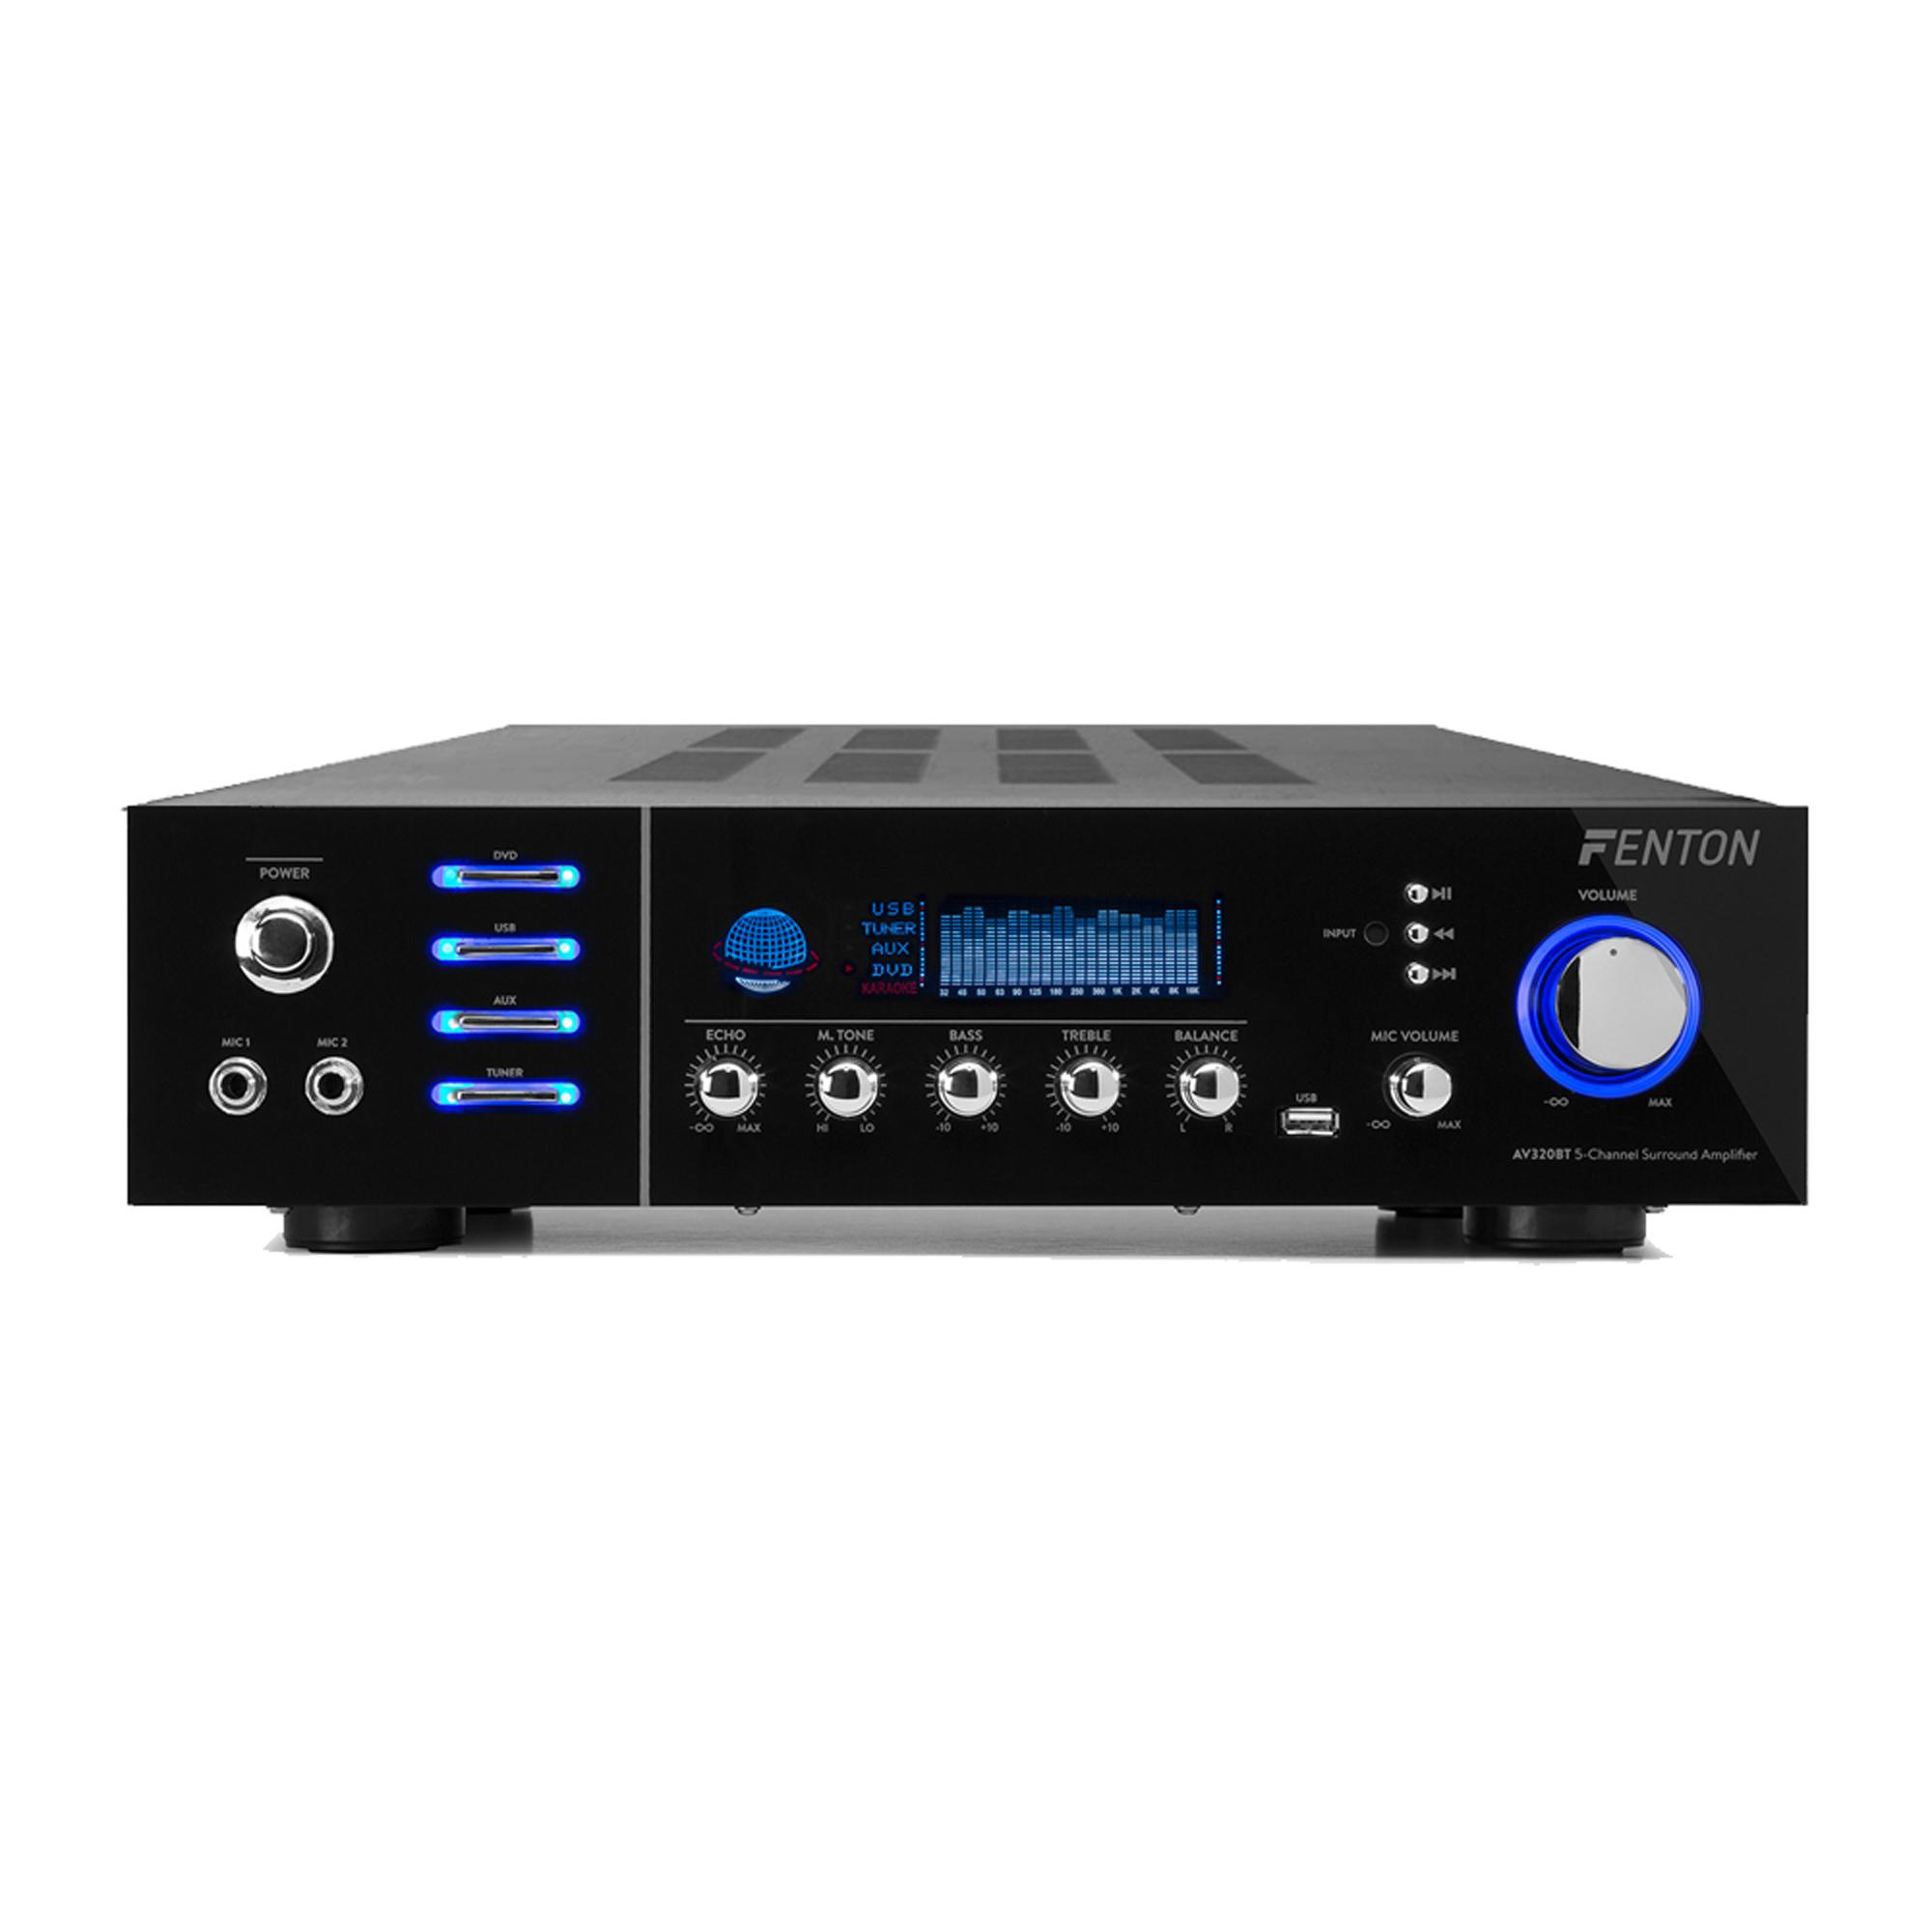 5-Channel Surround Amplifier - Fenton AV320BT - 240W - Bluetooth